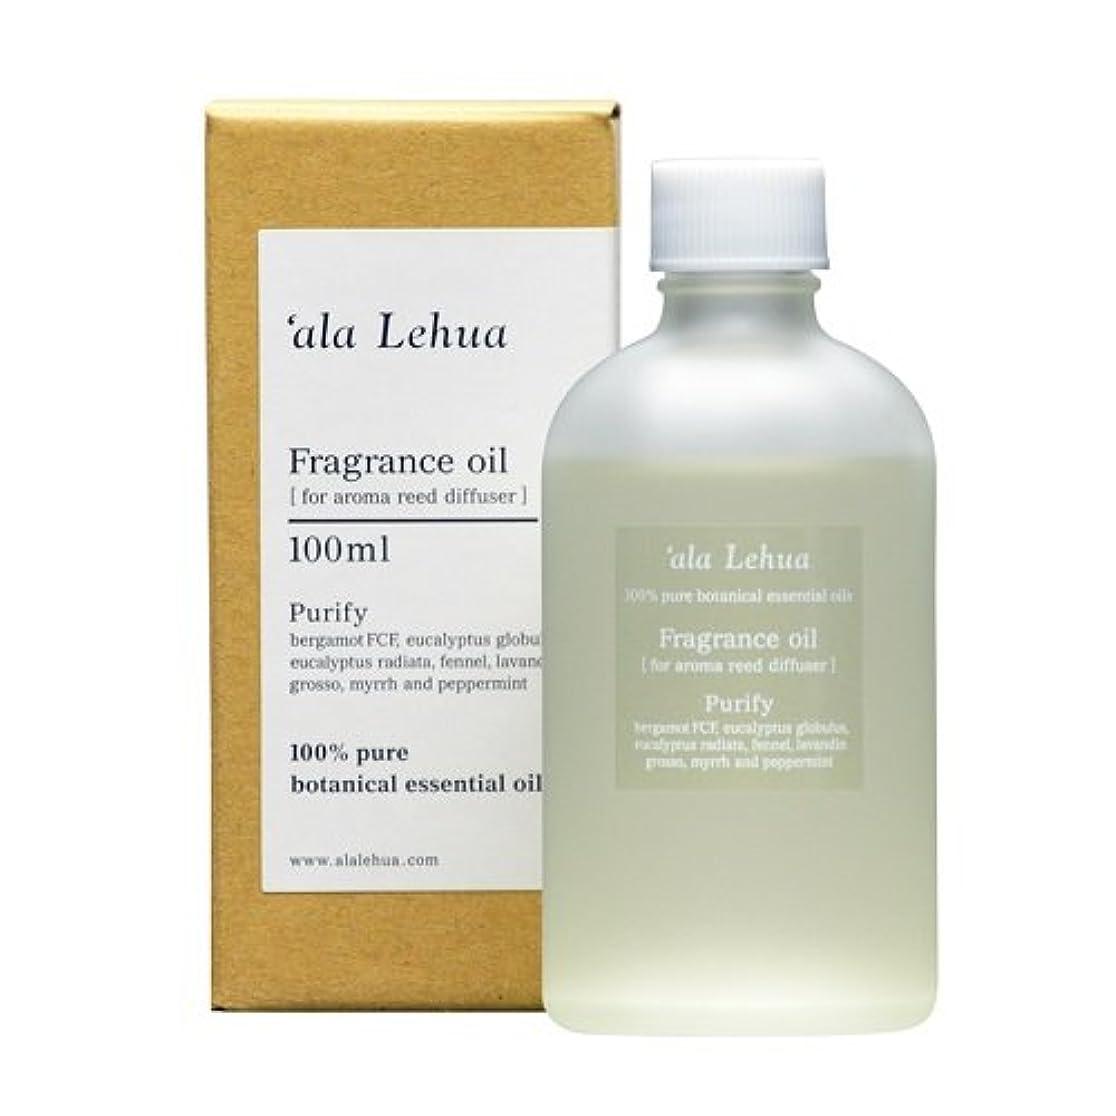 ハミングバードウガンダ廊下フレーバーライフ(Flavor Life) `ala Lehua (アラレフア) アロマリードディフューザー フレグランスオイル 100ml purify(ピュリファイ)